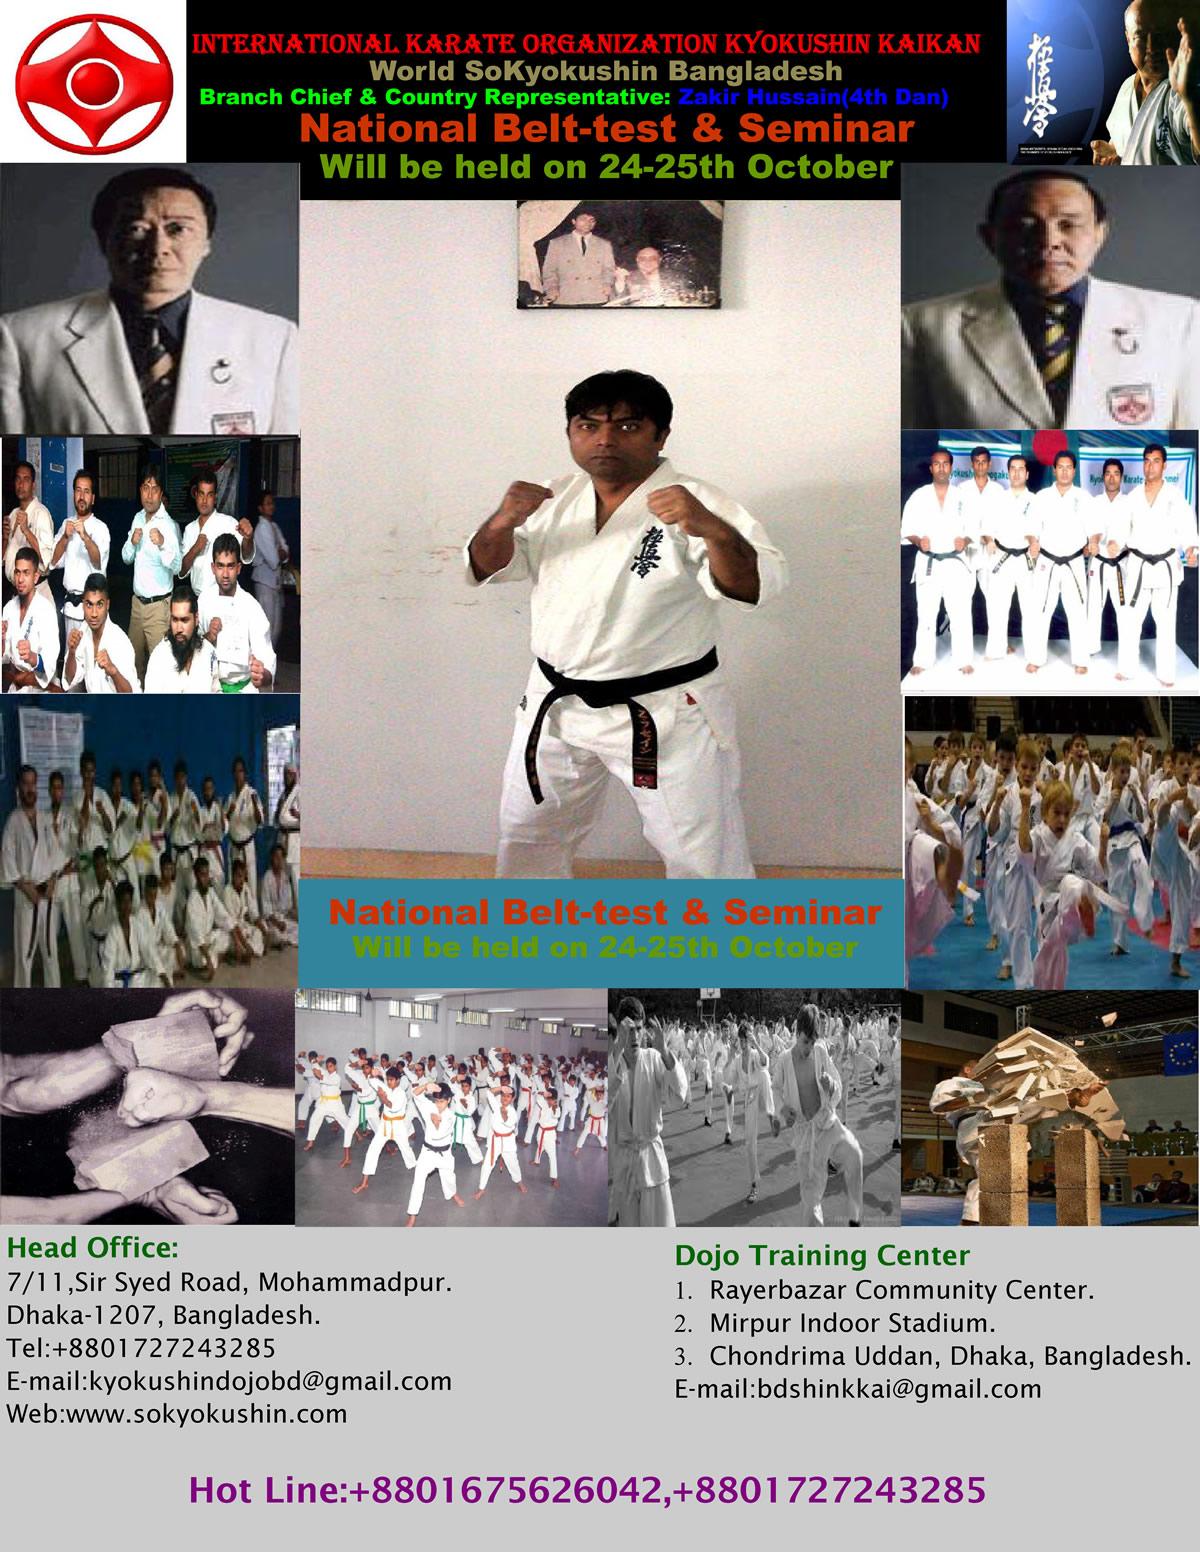 National Belt-test & Seminar in Bangladesh